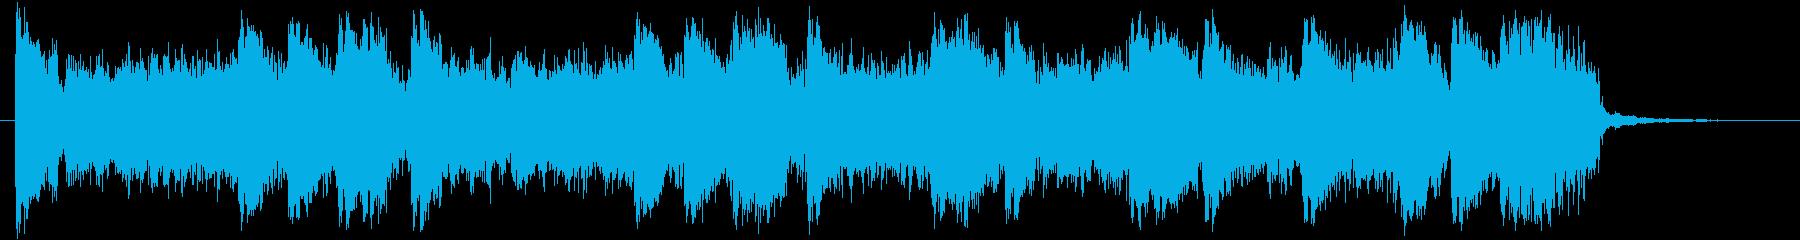 ロシア風パワフルトランスロゴ!の再生済みの波形